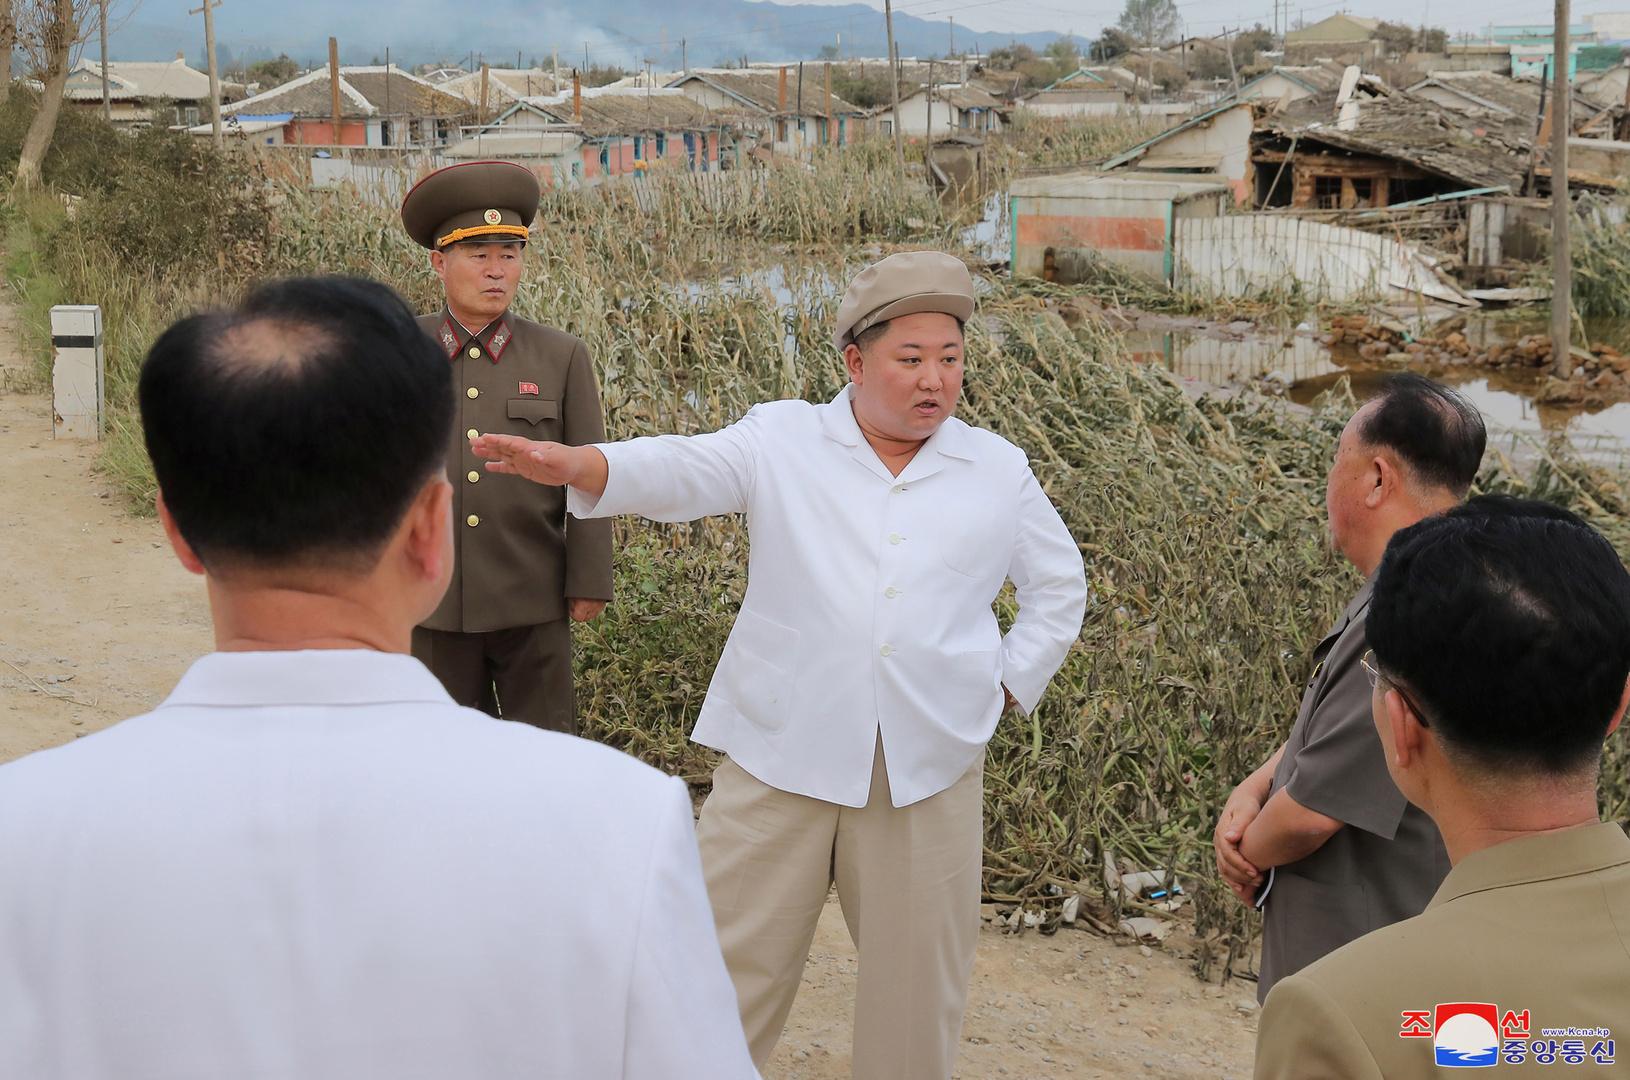 زعيم كوريا الشمالية كيم جونغ أون يتفقد المناطق المتضررة من الأعاصير الأخيرة.